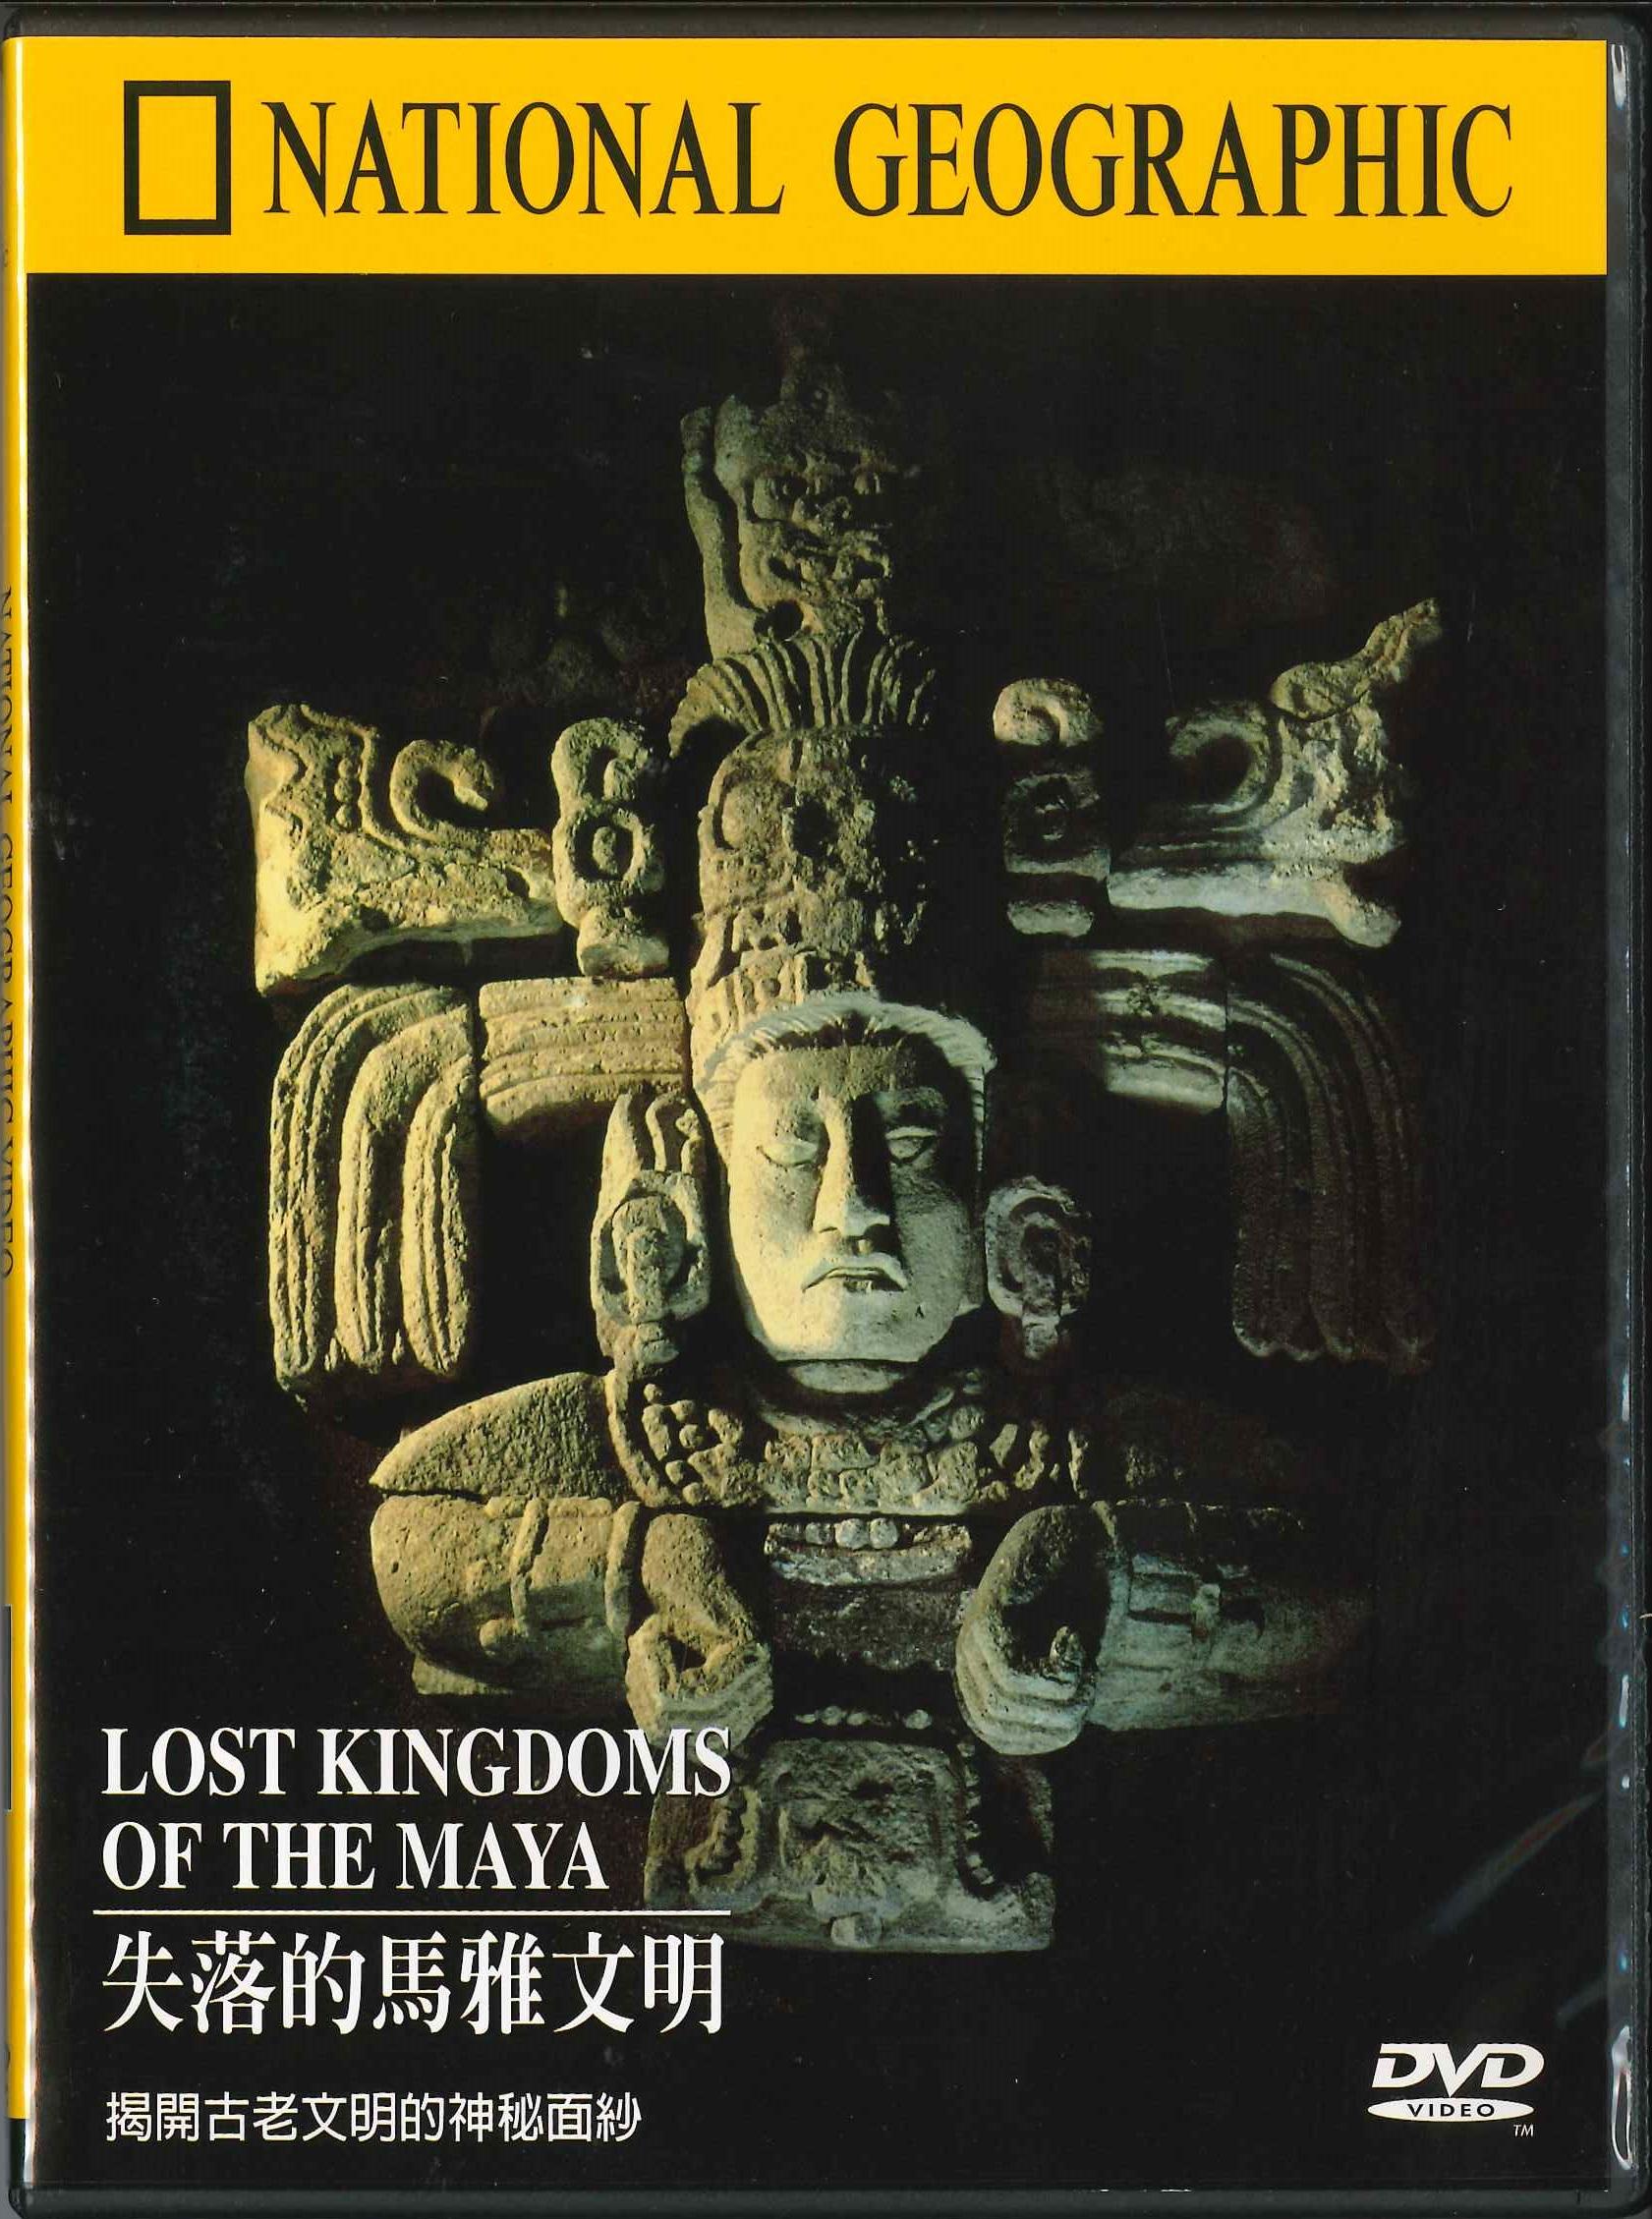 失落的馬雅文明 [錄影資料]=Lost kingdoms of the Maya